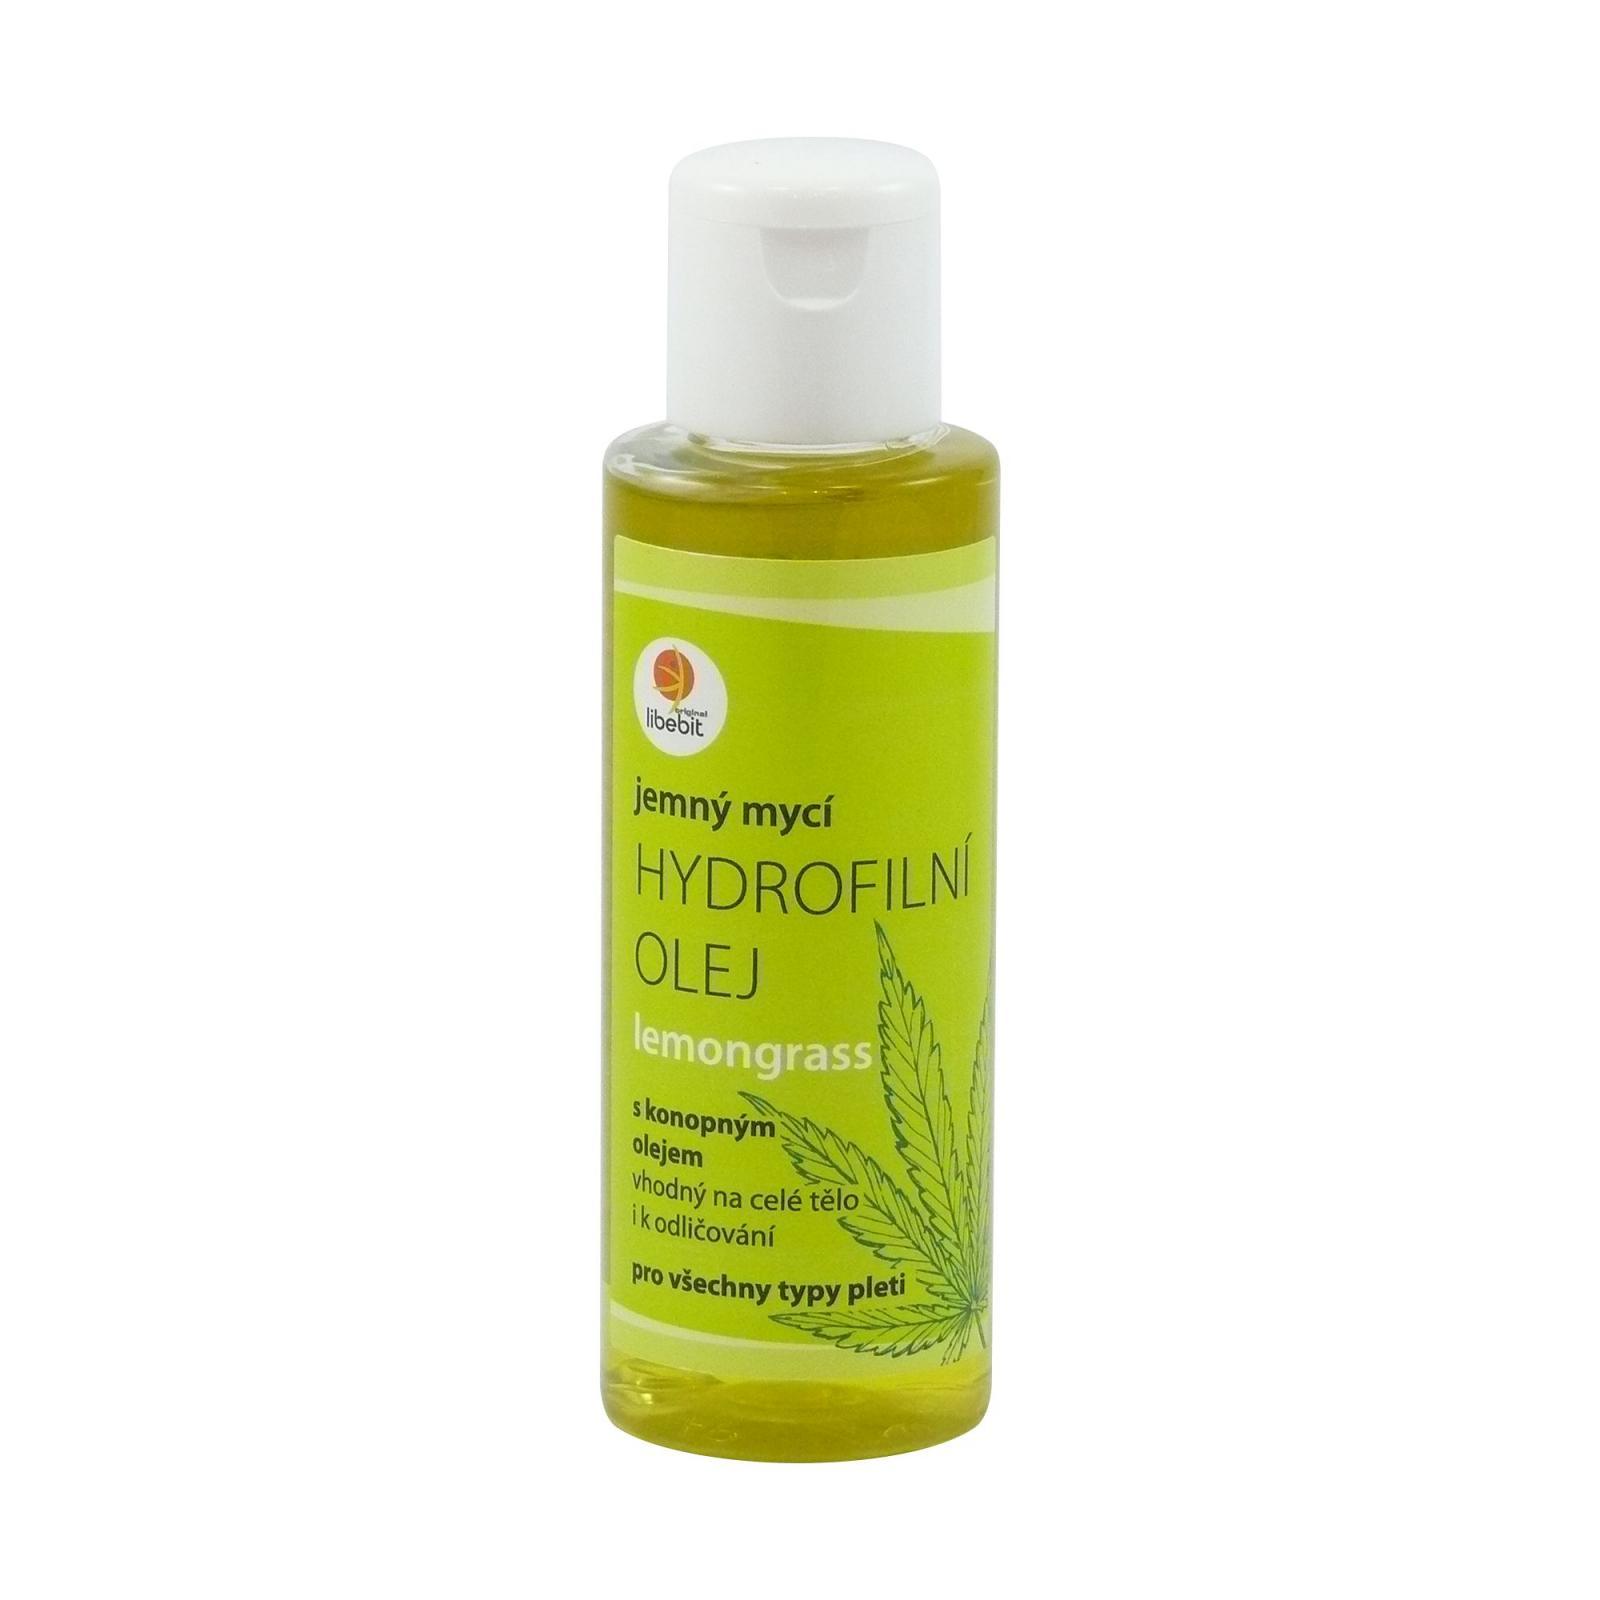 Libebit Hydrofilní mycí olej lemongrass 120 ml